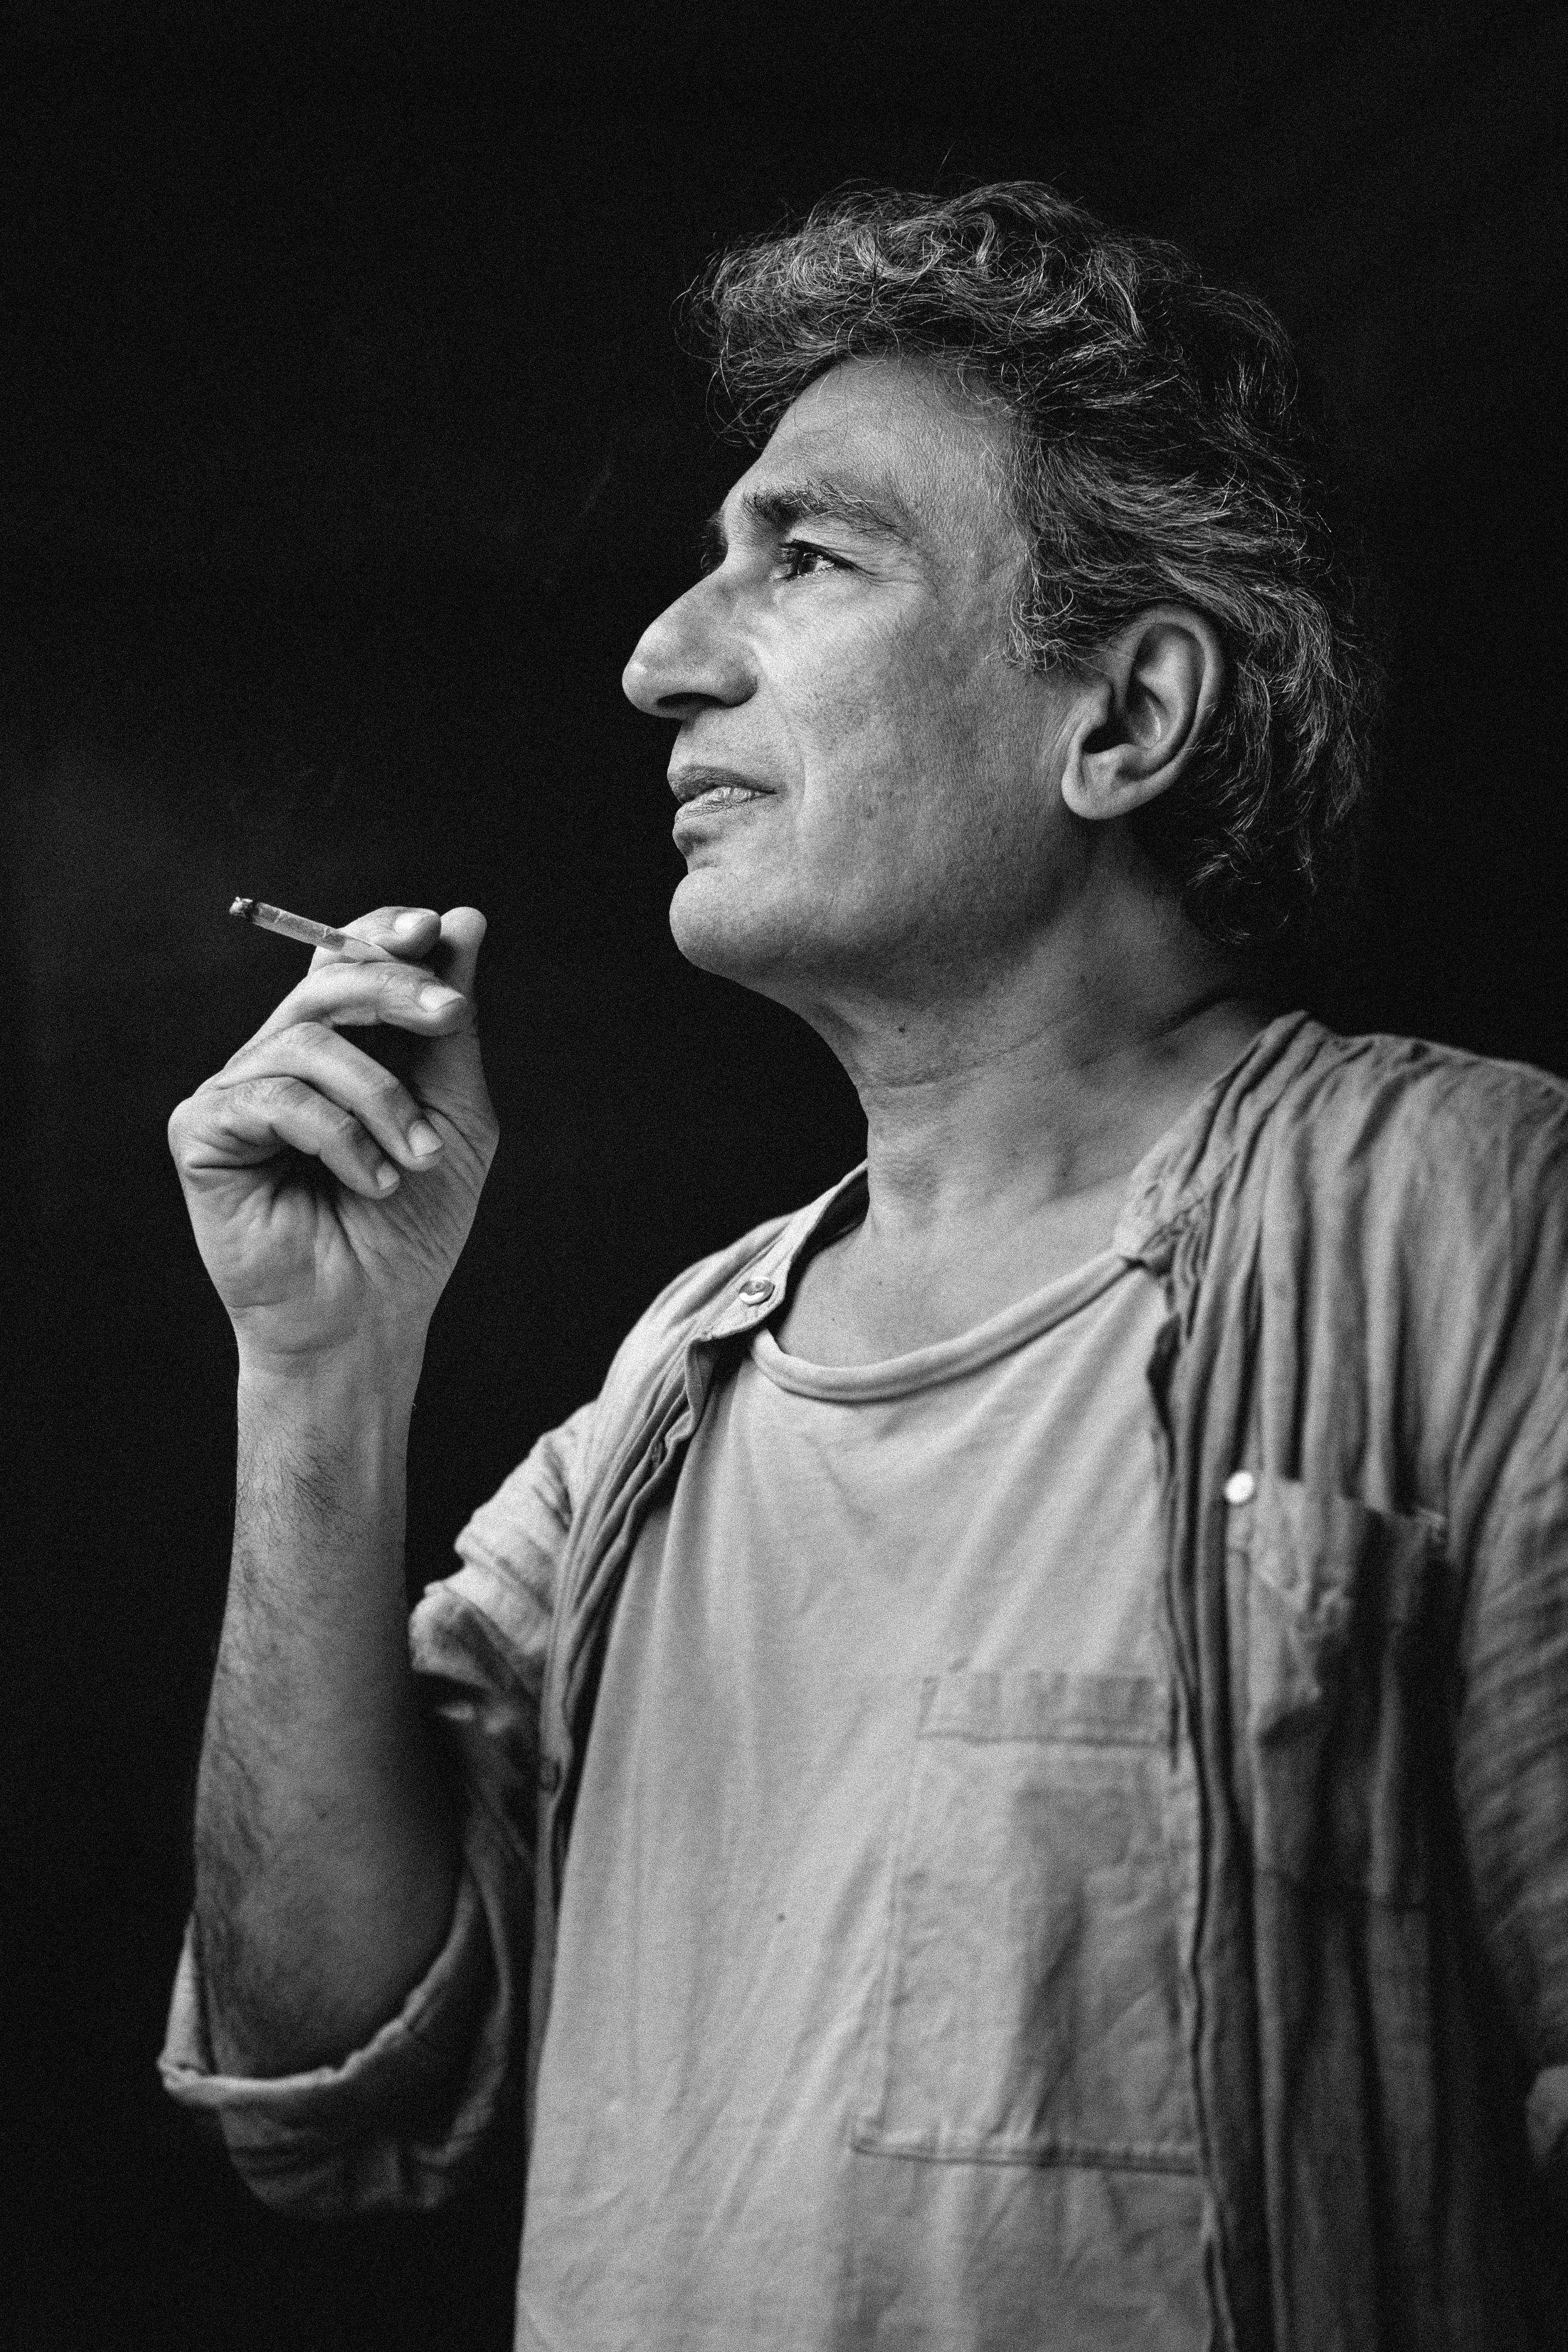 Jasim Mohamed, poet and literary translator